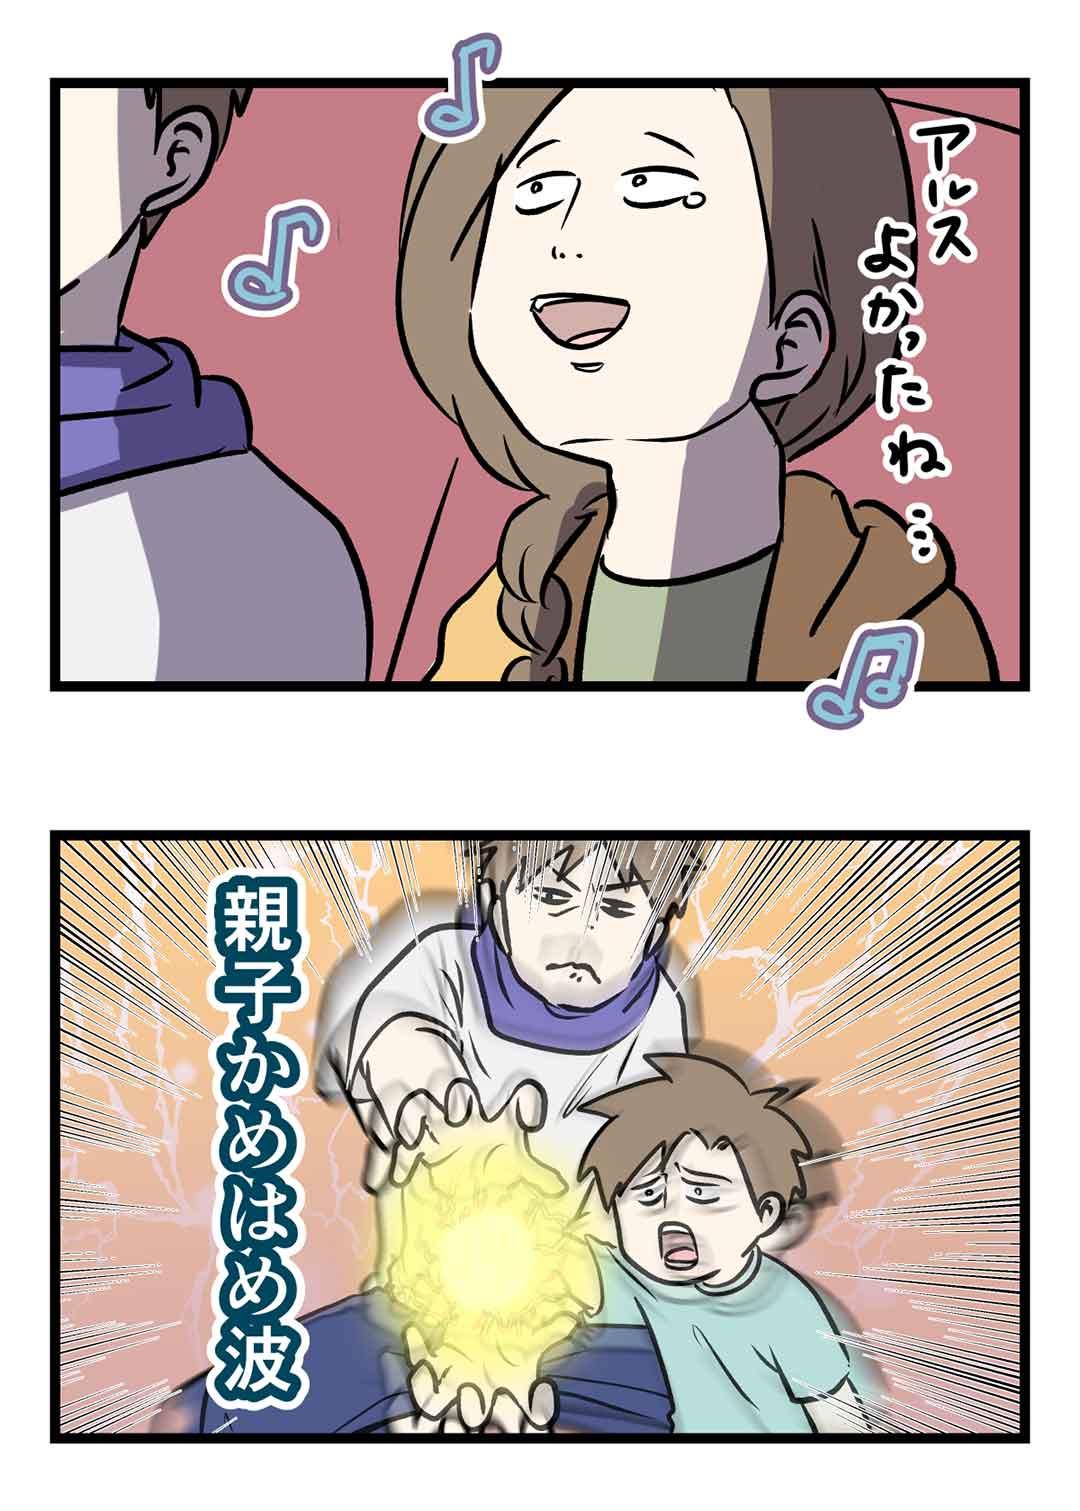 『ドラゴンクエスト ユア・ストーリー』の感想(隠してるけどネタバレもあるよ)